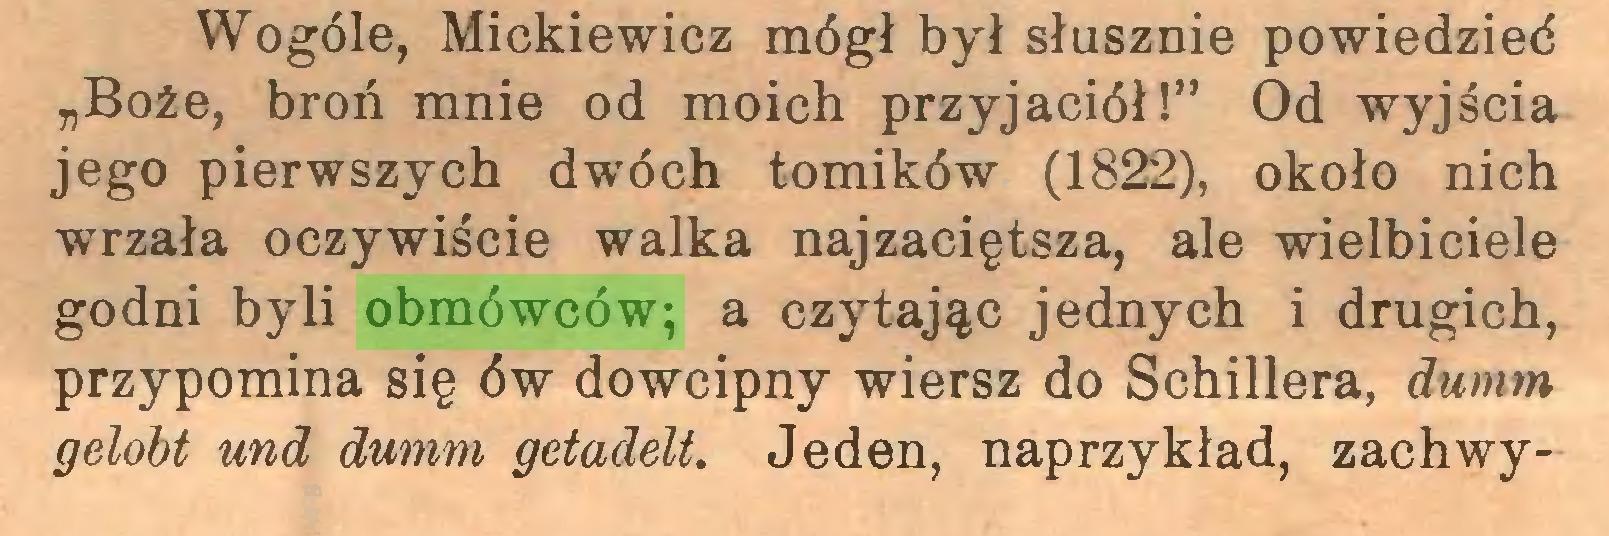 """(...) Wogóle, Mickiewicz mógł był słusznie powiedzied """"Boże, broń mnie od moich przyjaciół!"""" Od wyjścia jego pierwszych dwóch tomików (1822), około nich wrzała oczywiście walka najzaciętsza, ale wielbiciele godni byli obmówców; a czytając jednych i drugich, przypomina się ów dowcipny wiersz do Schillera, dumm gelobt und dumm getadelt. Jeden, naprzykład, zachwy..."""